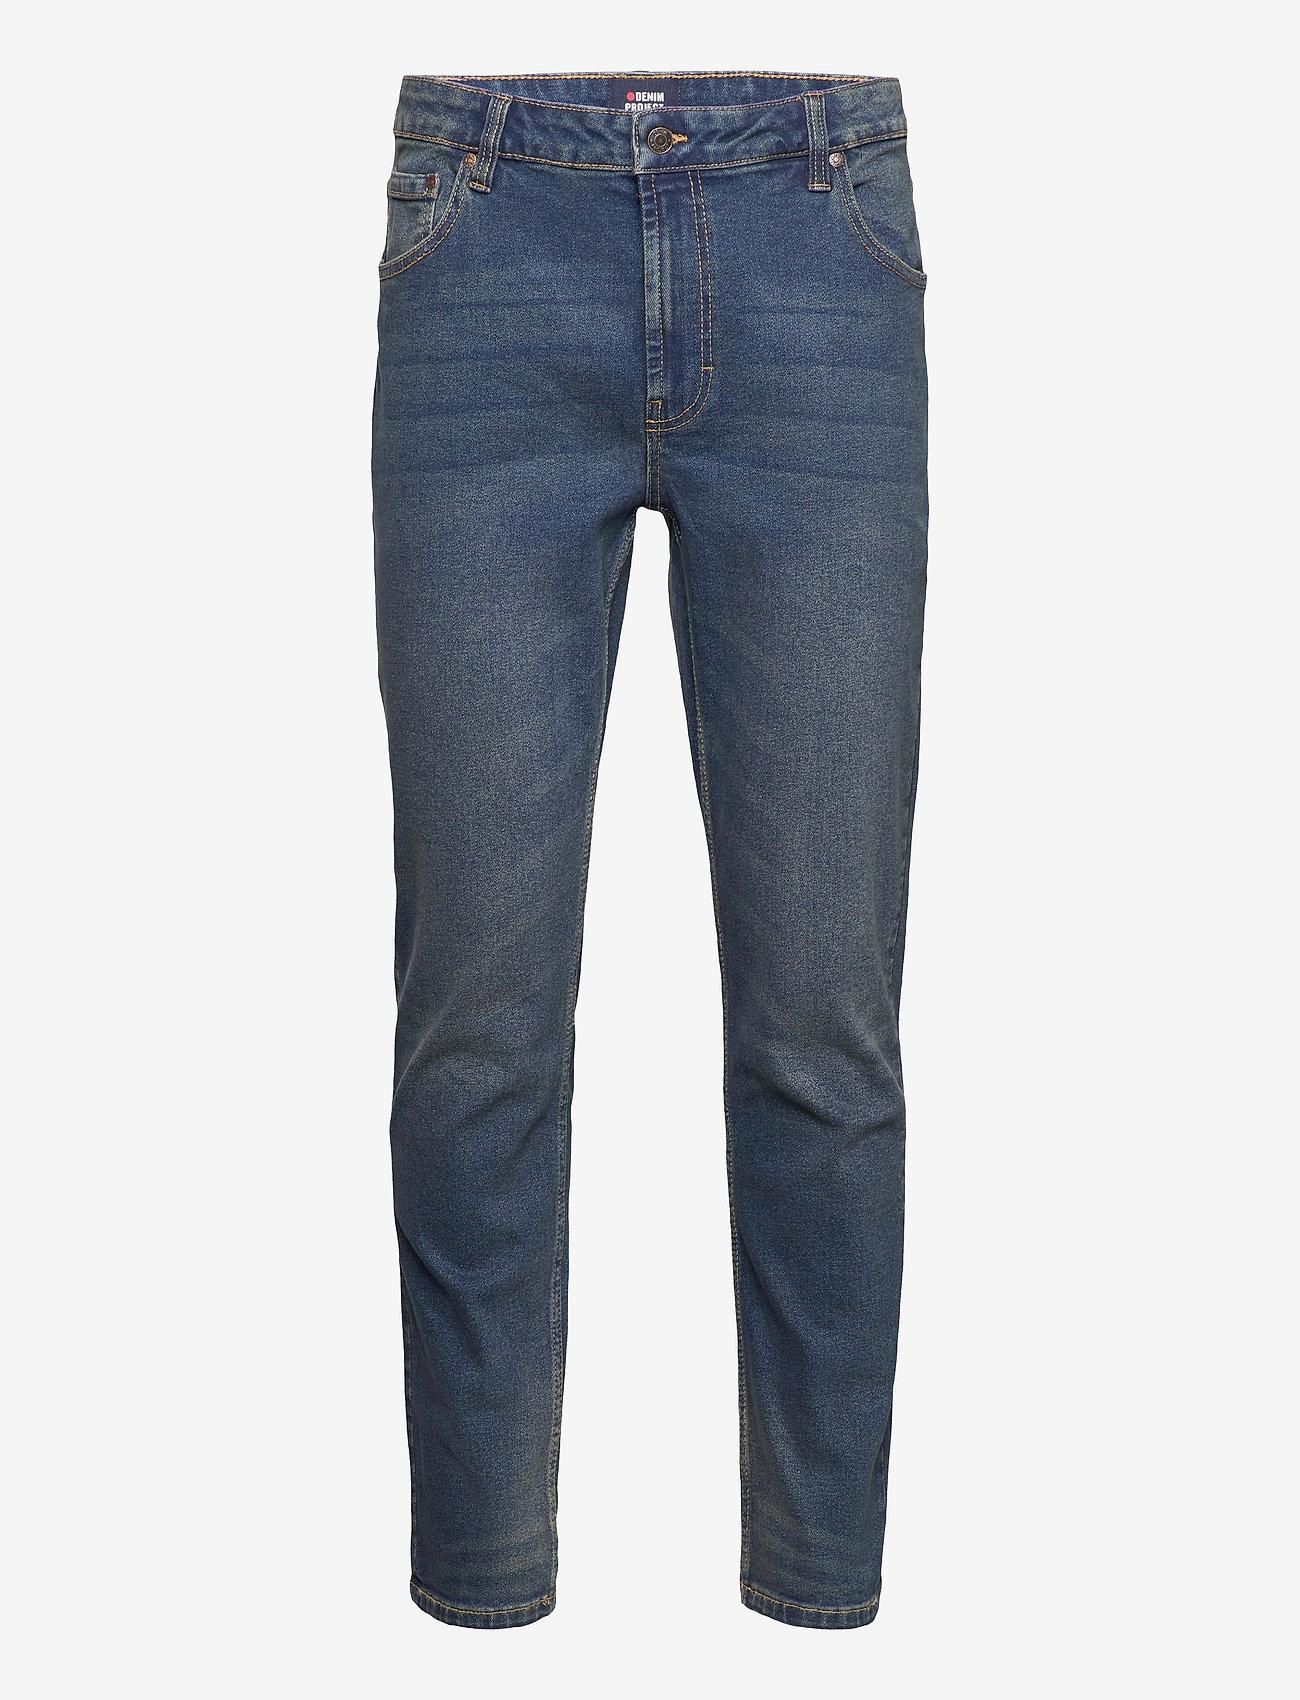 Denim project - Mr. Red - slim jeans - 045 vintage blue - 0